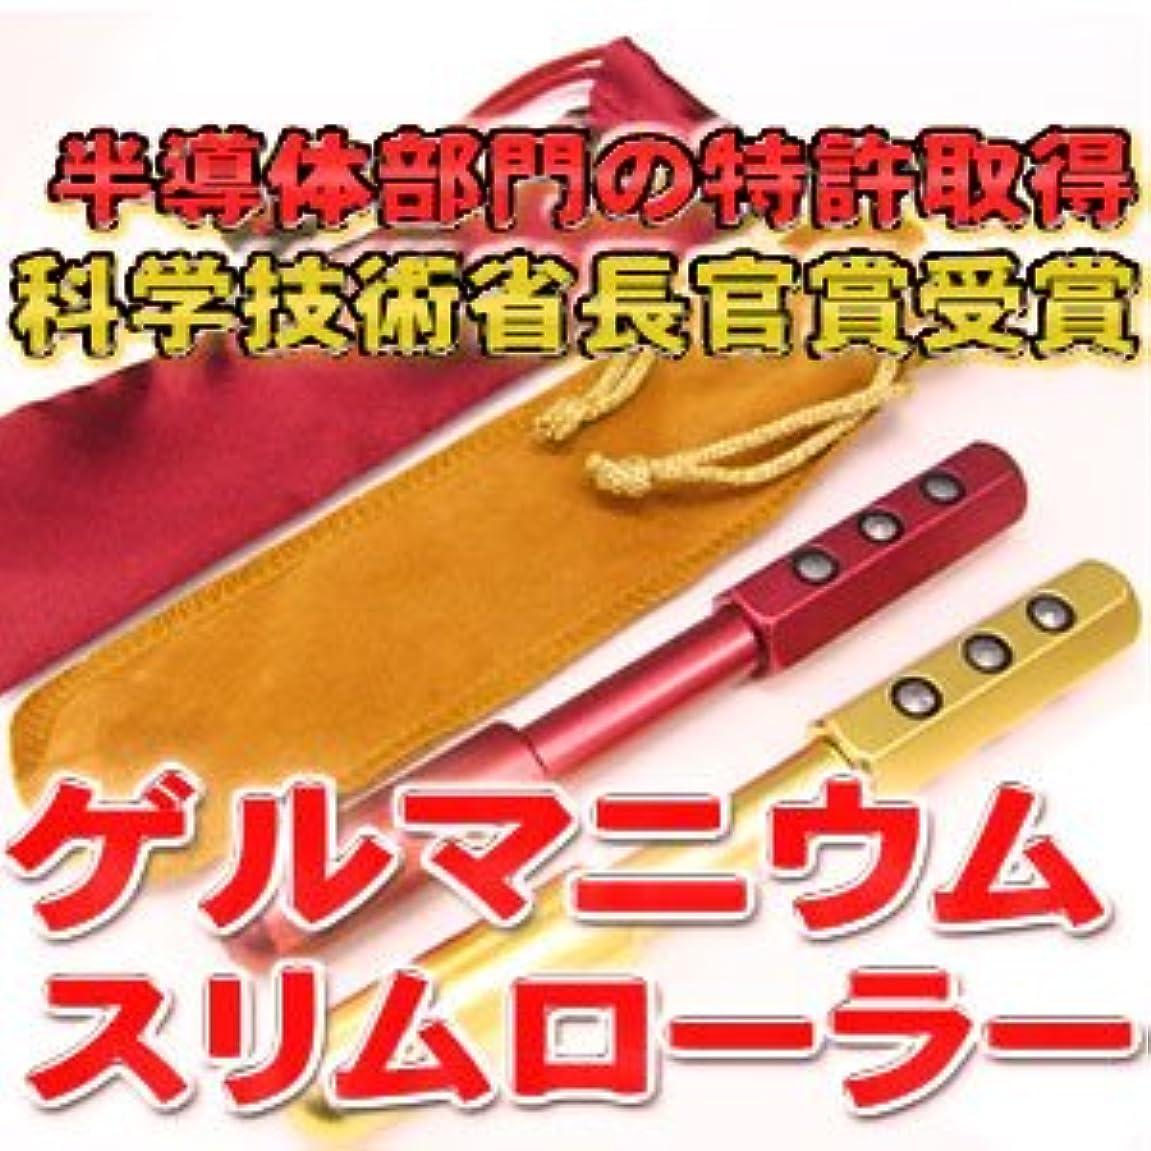 満たす煙古風なゲルマニウムスリムローラー (半導体ビューティーローラー)(フェイスバージョン) ピンク